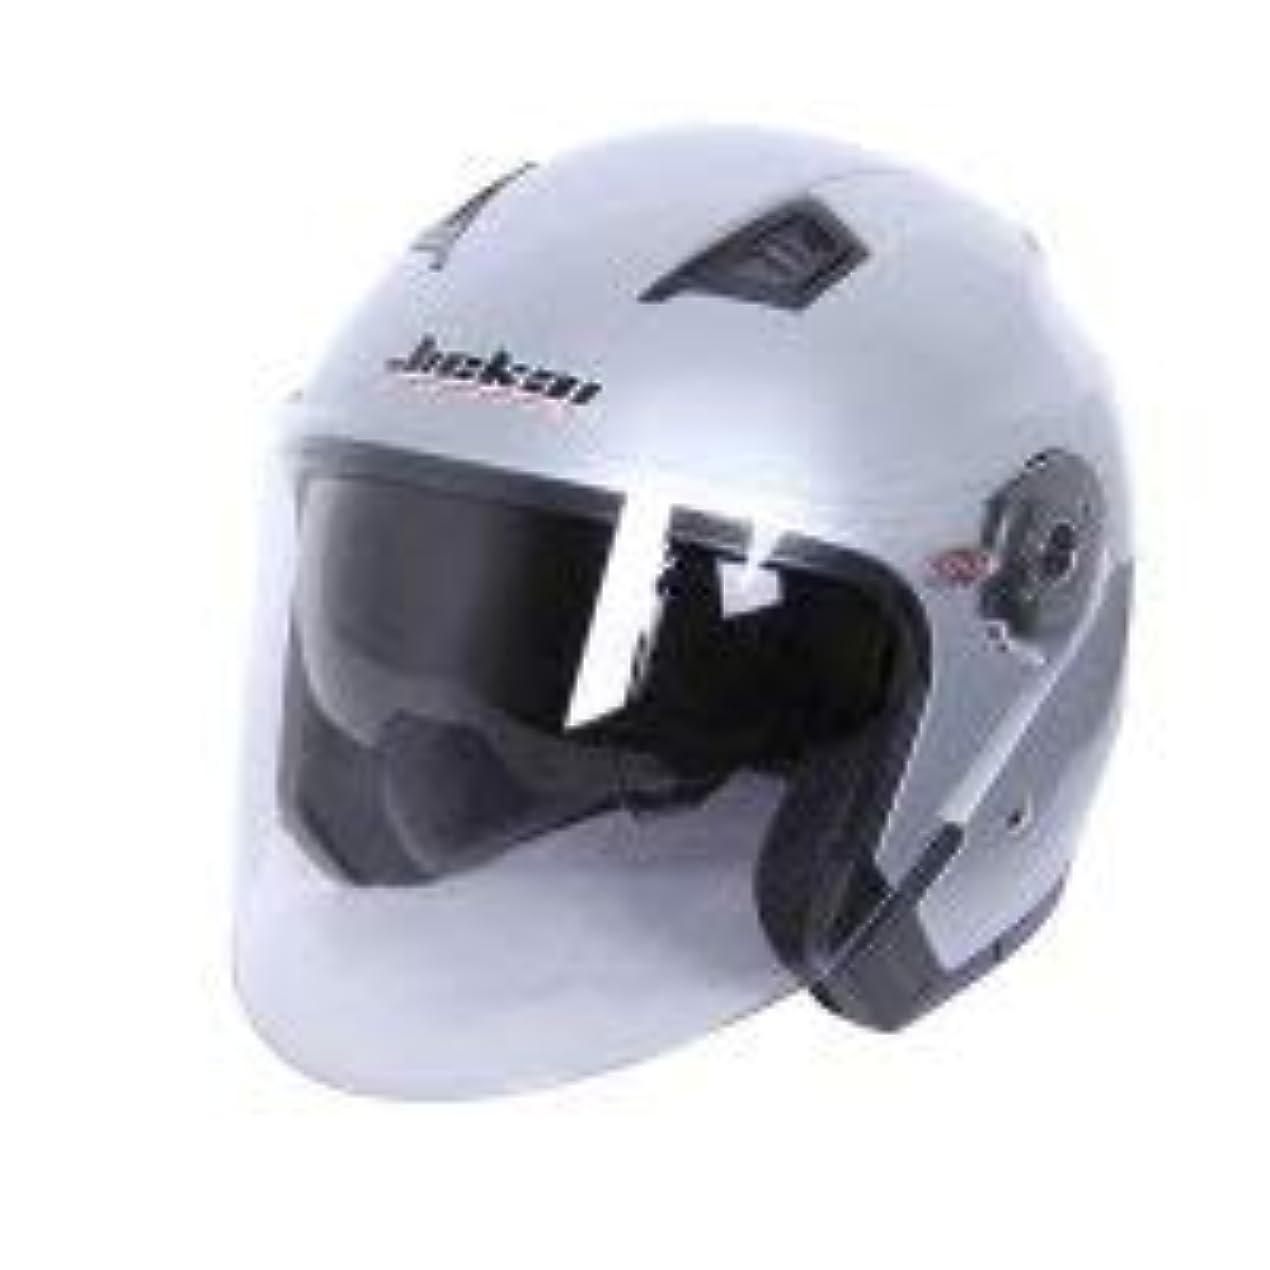 ピーク防腐剤助けてJIEKAIバイクヘルメット メンズジェットヘルメットハーフェイスヘルメットシステムヘルメット レディース半帽 bike helmet透明シールド